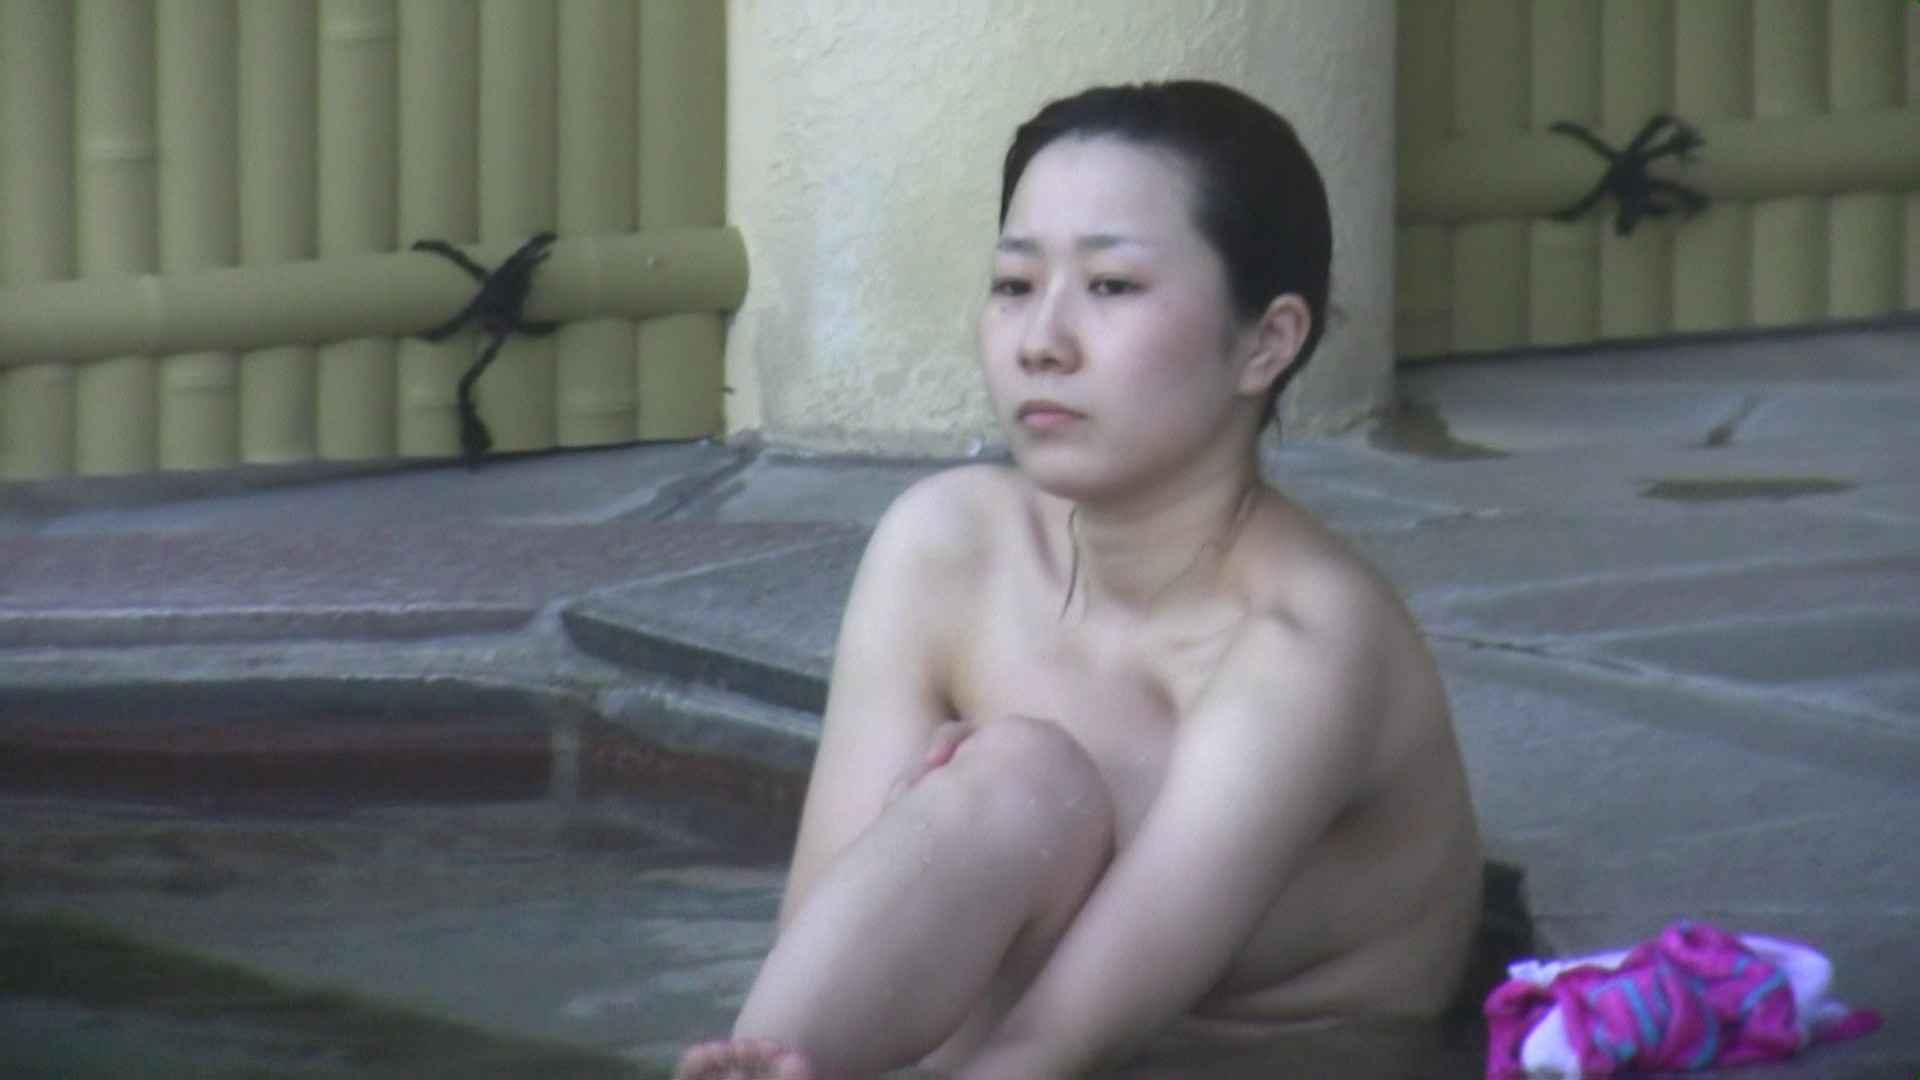 Aquaな露天風呂Vol.88【VIP限定】 OLのエロ生活  61連発 21